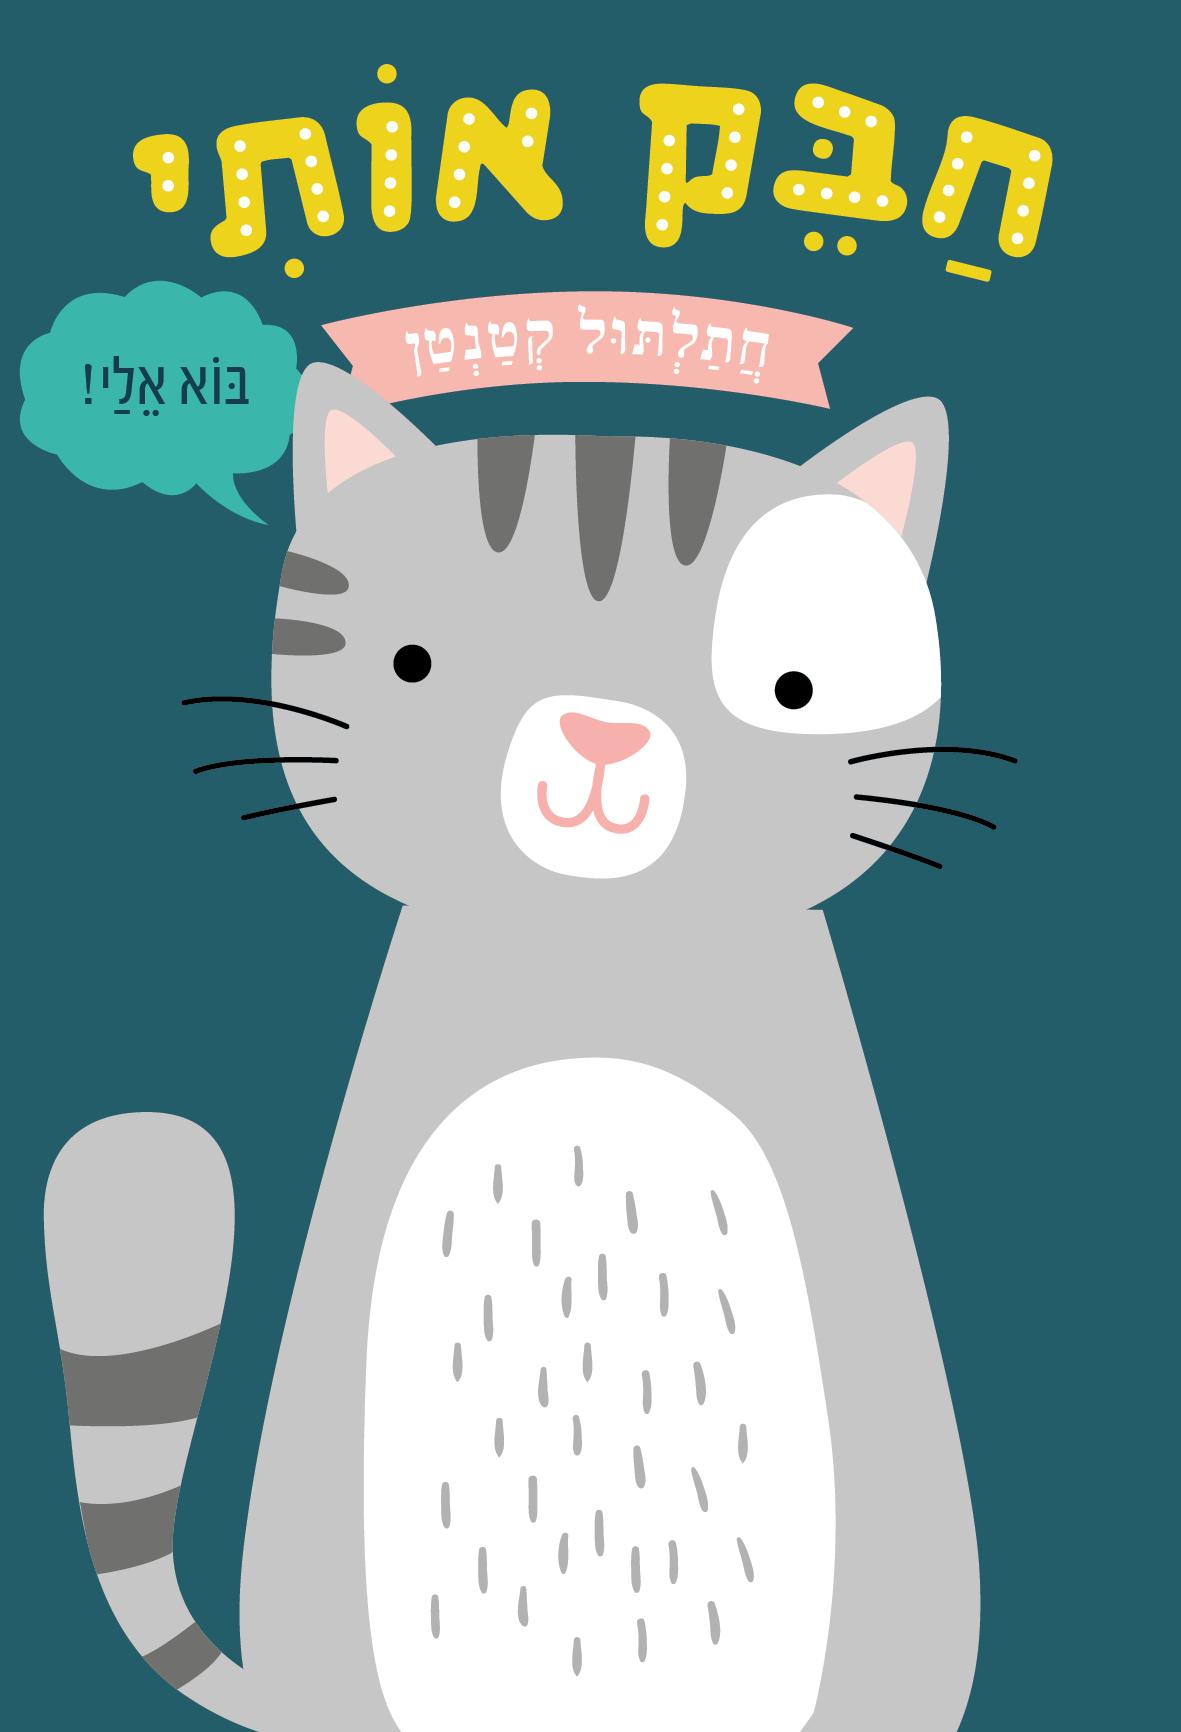 חבק אותי-חתלתול קטנטן